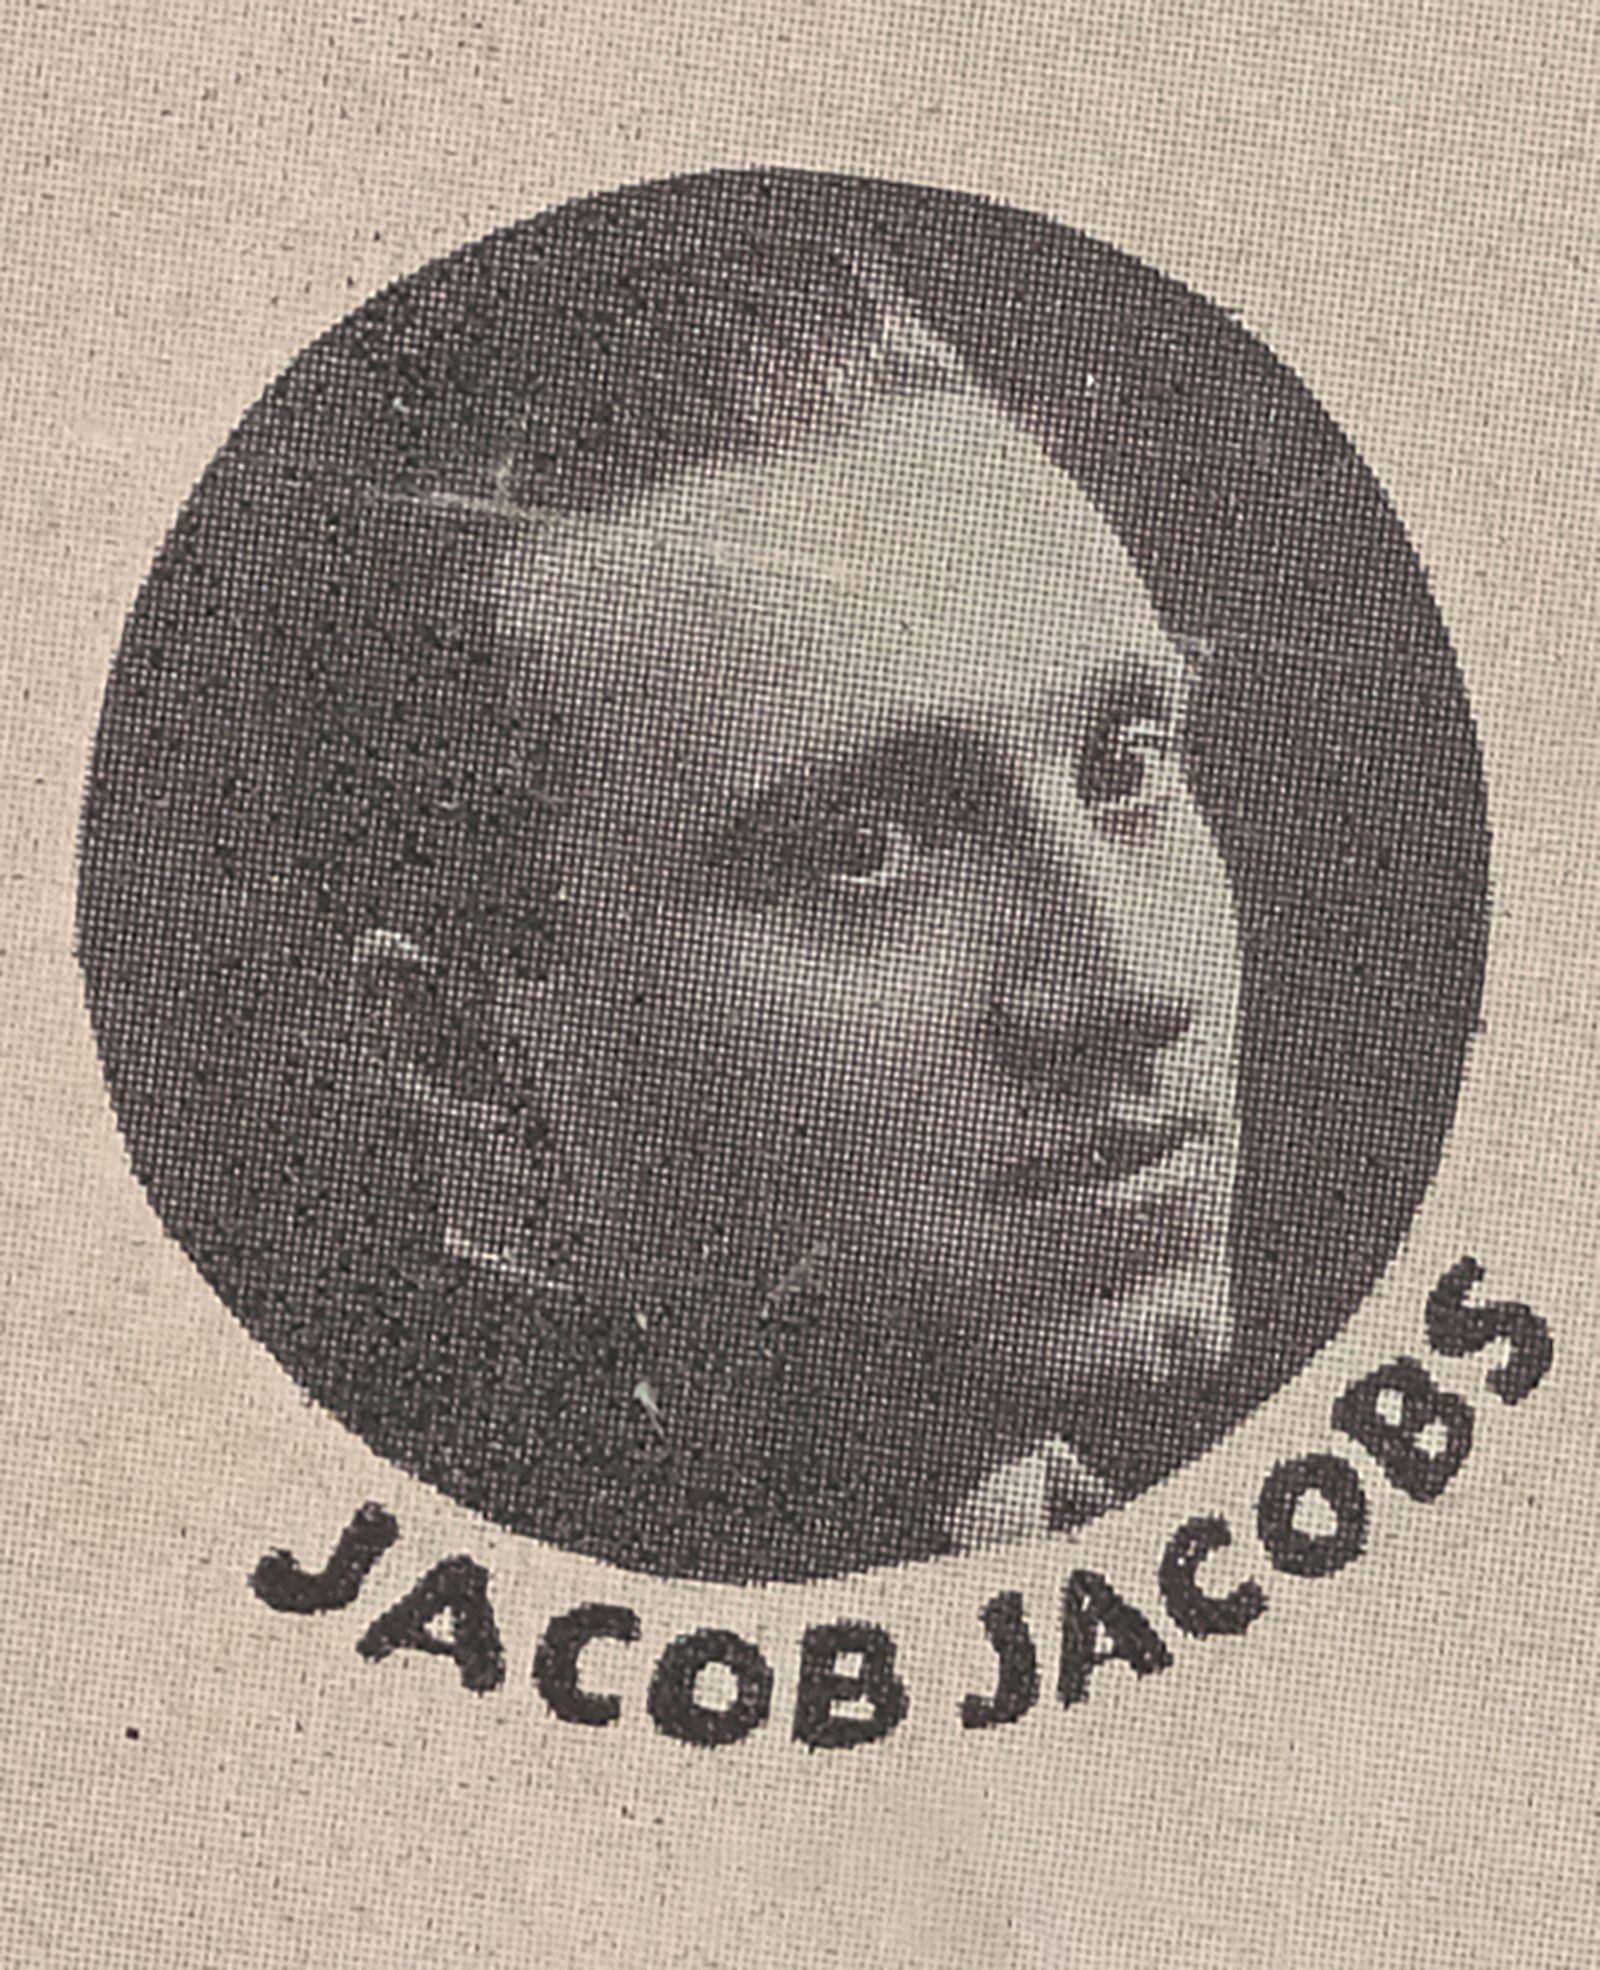 Jacob Jacobs - Bei mir bistu schoen